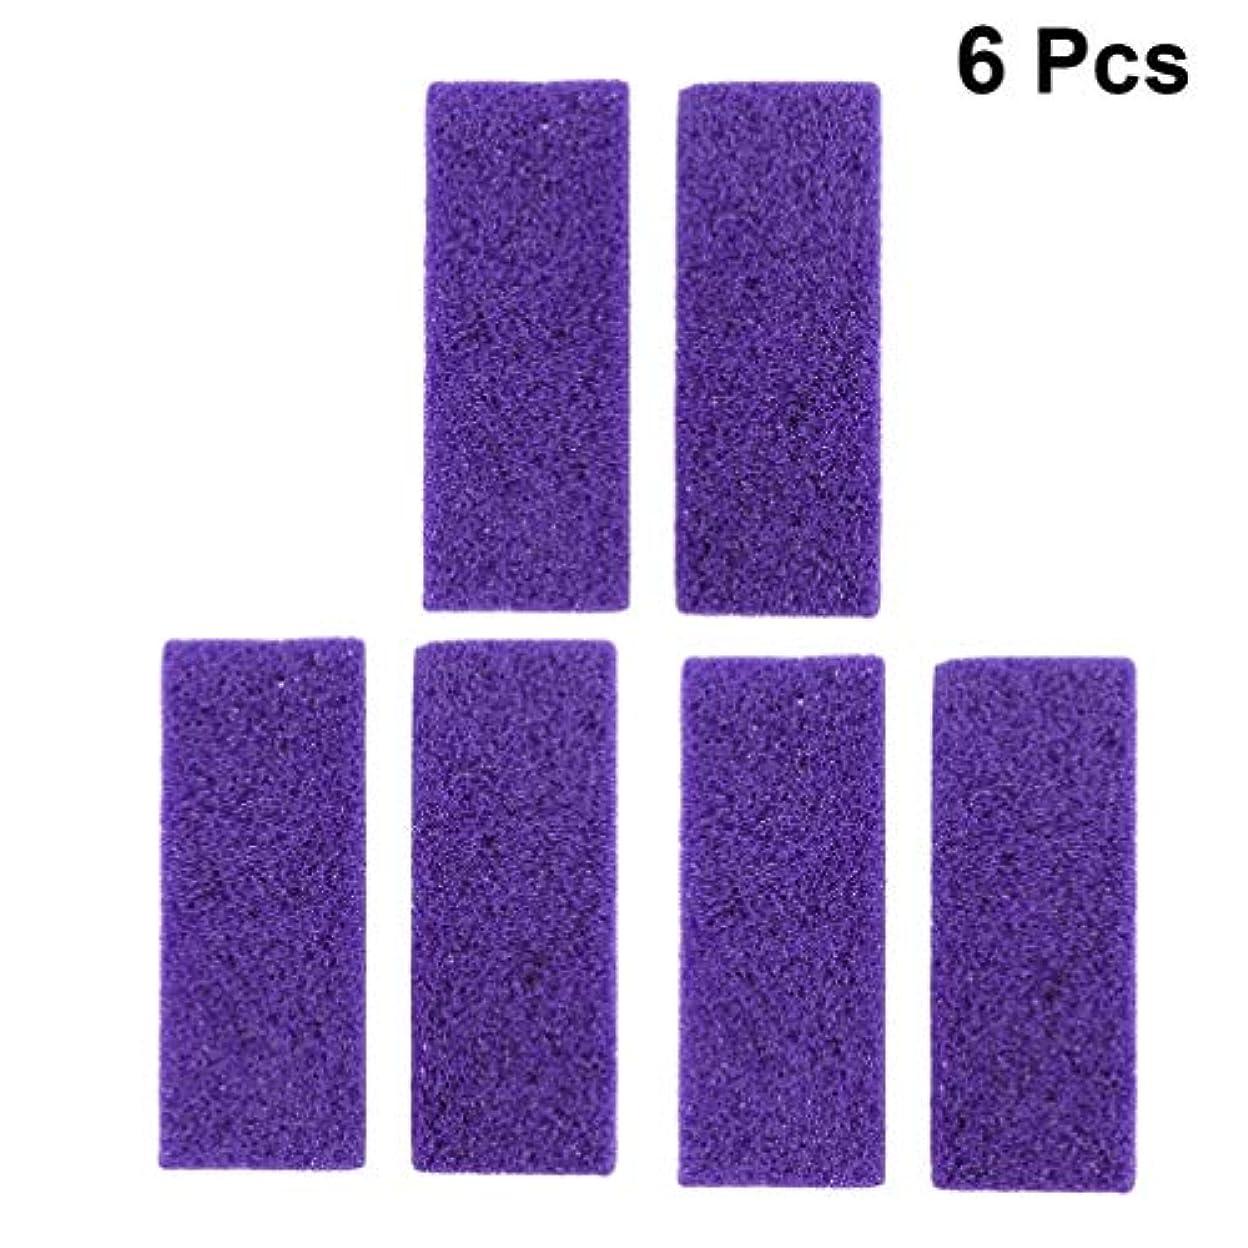 集中神経衰弱たるみHeallily 6ピース天然軽石石紫フットケアツールカルスリムーバーペディキュアツール用ハードスキンデッドスキン